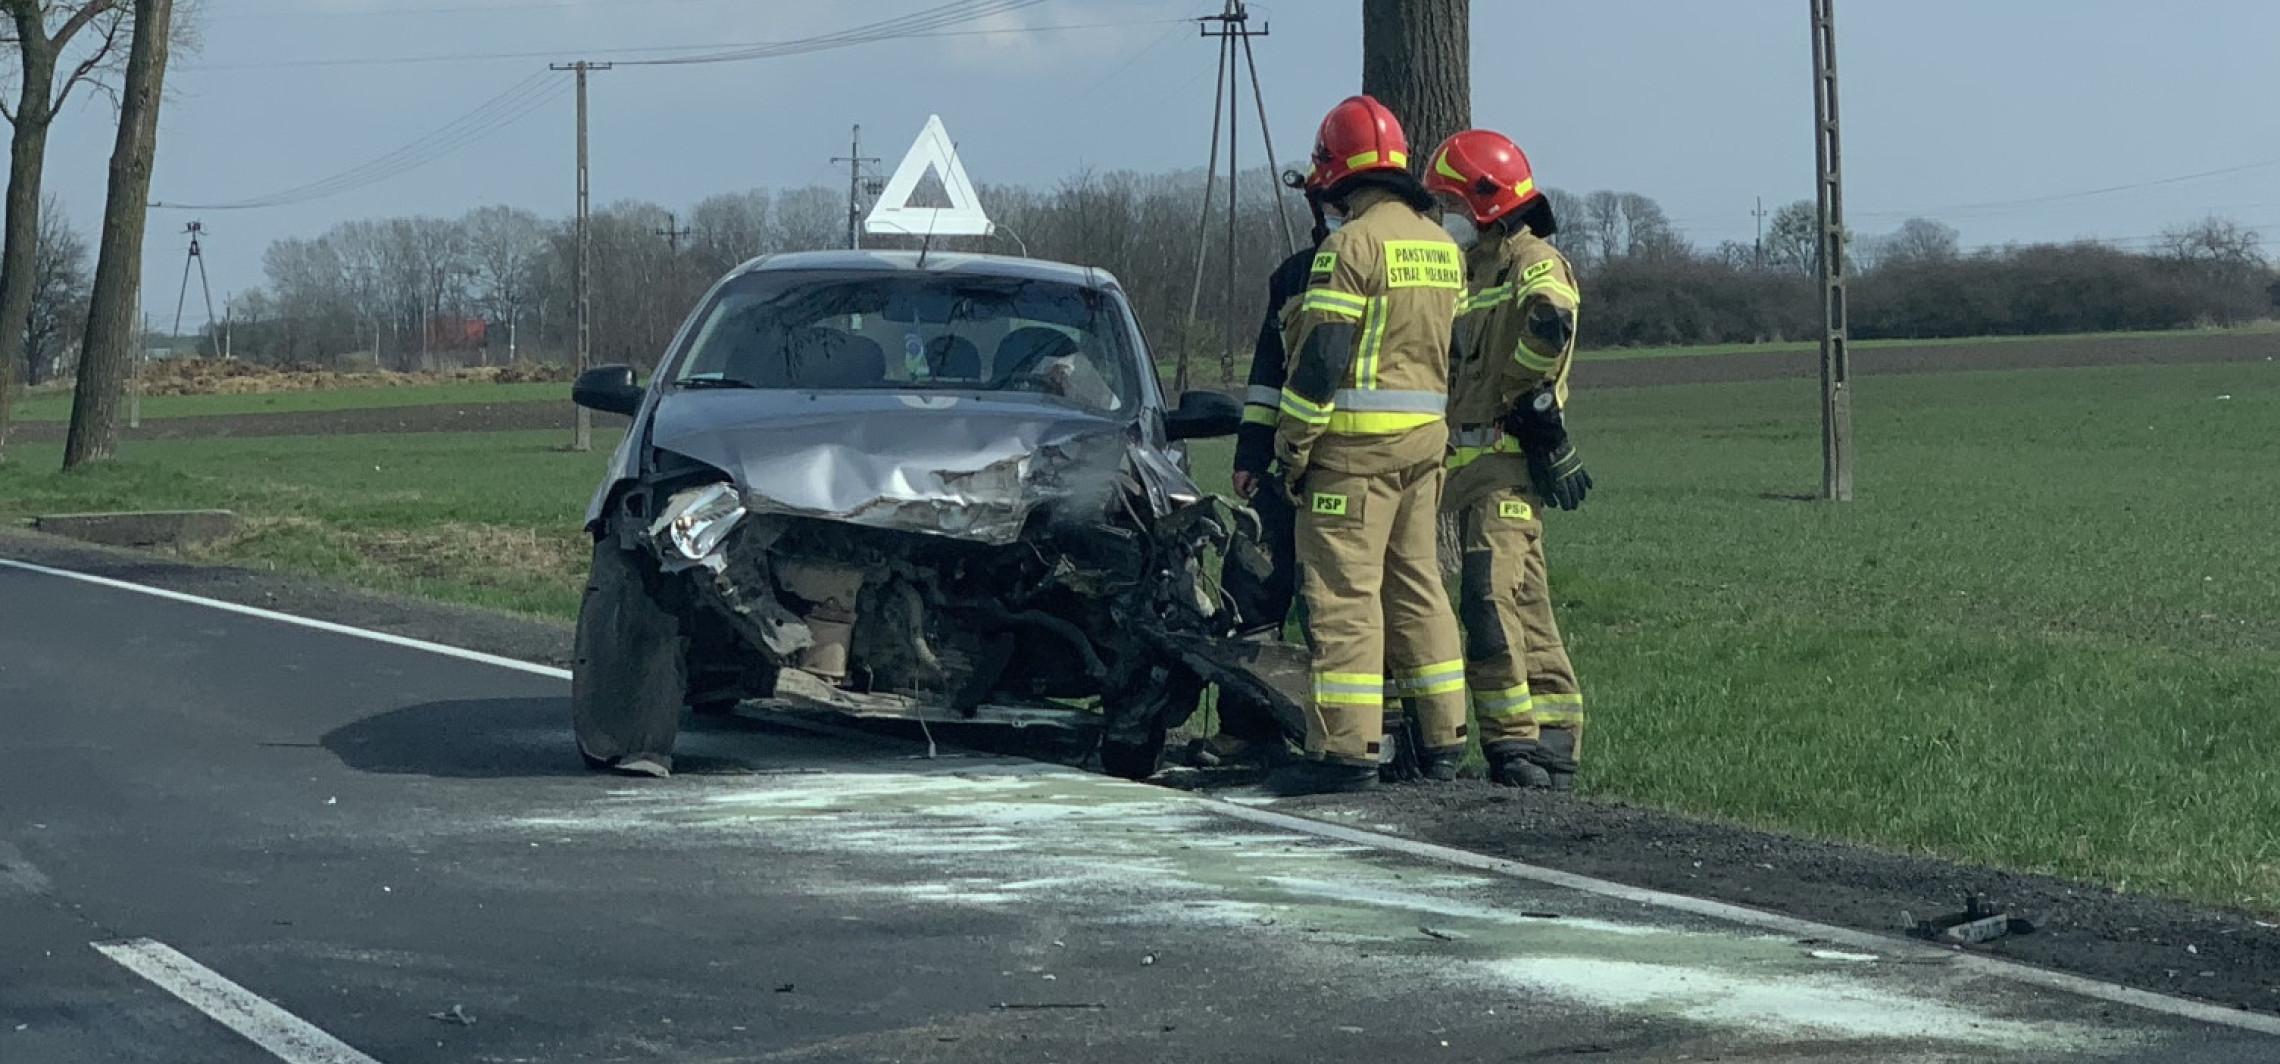 Gniewkowo - Zderzenie samochodu ciężarowego z osobówką